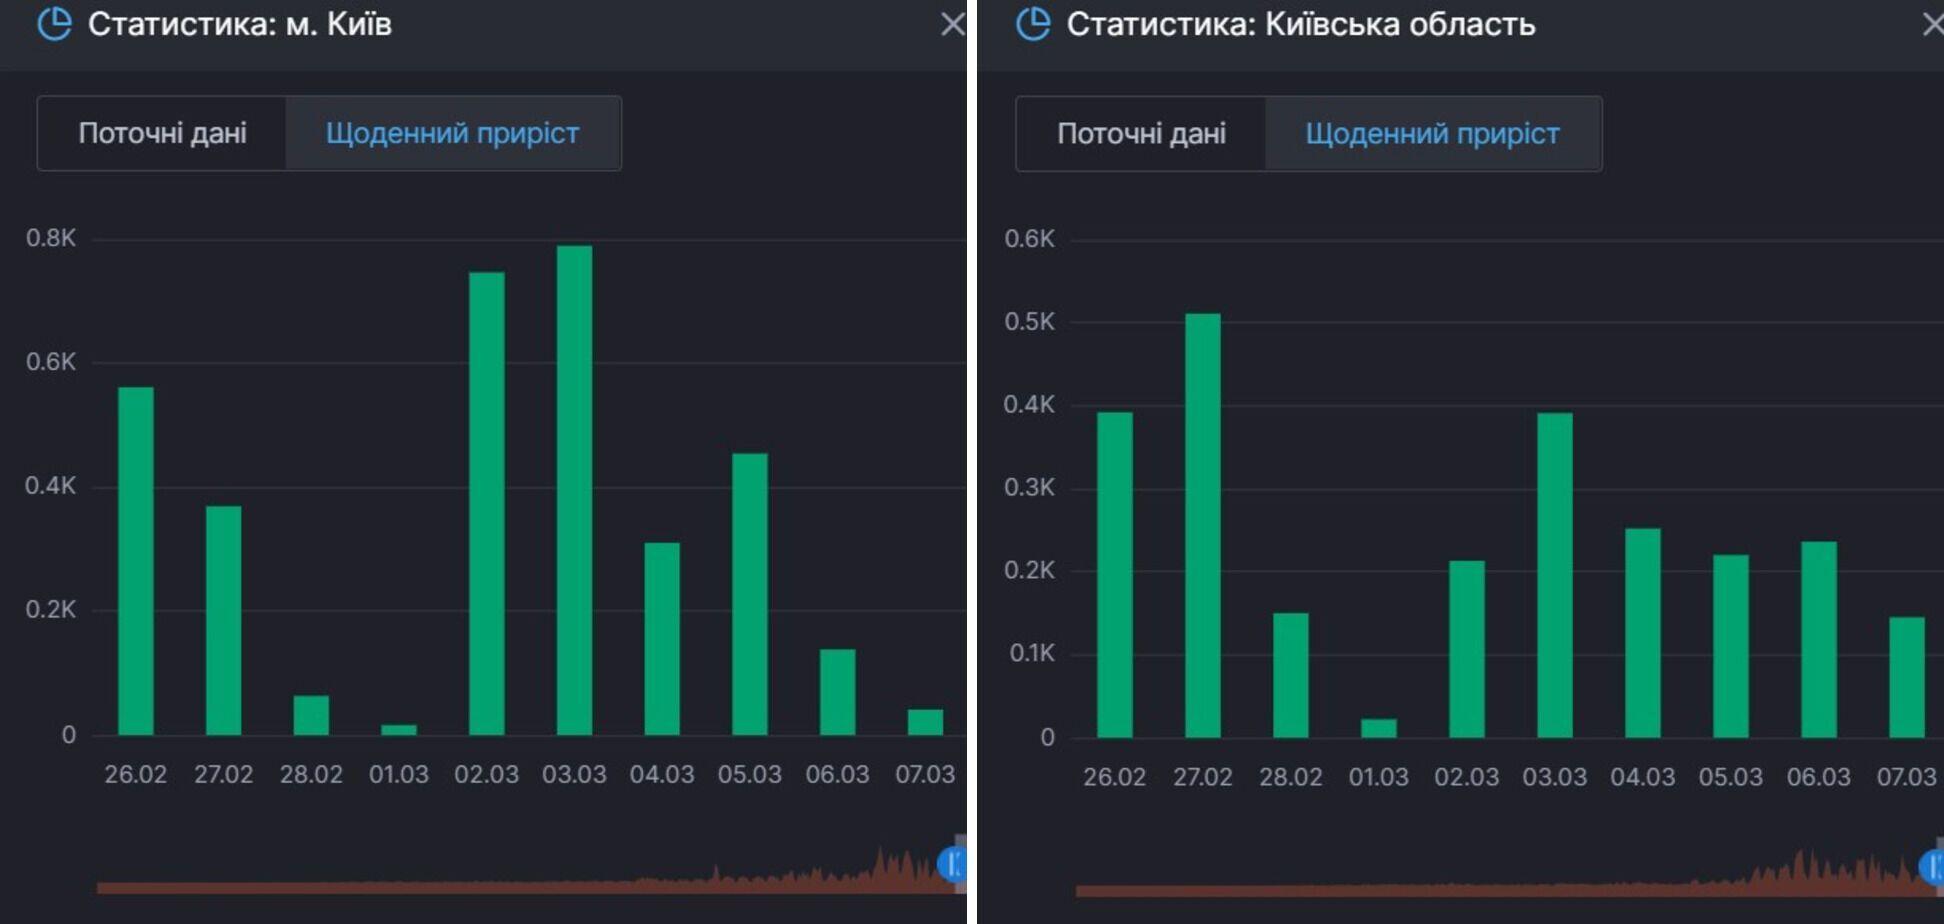 Приріст одужань від COVID-19 у Києві та області